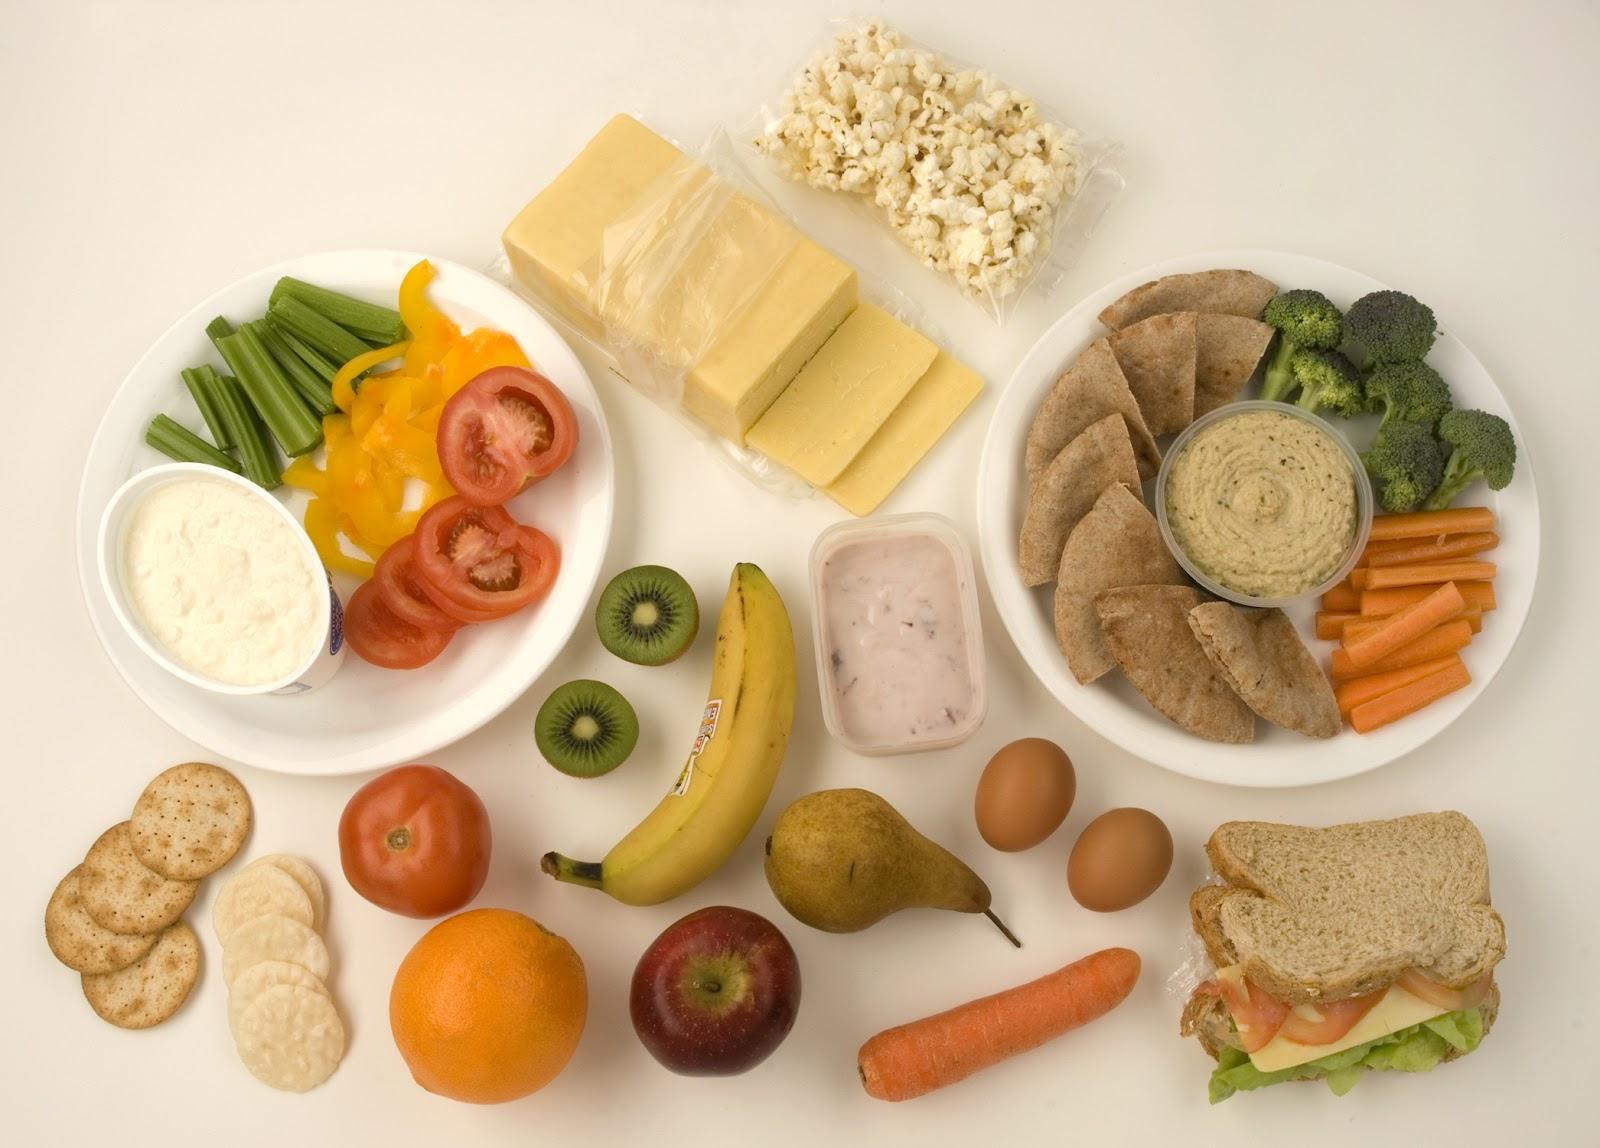 Рацион Продуктов Чтобы Сбросить Вес. Полный список продуктов для похудения